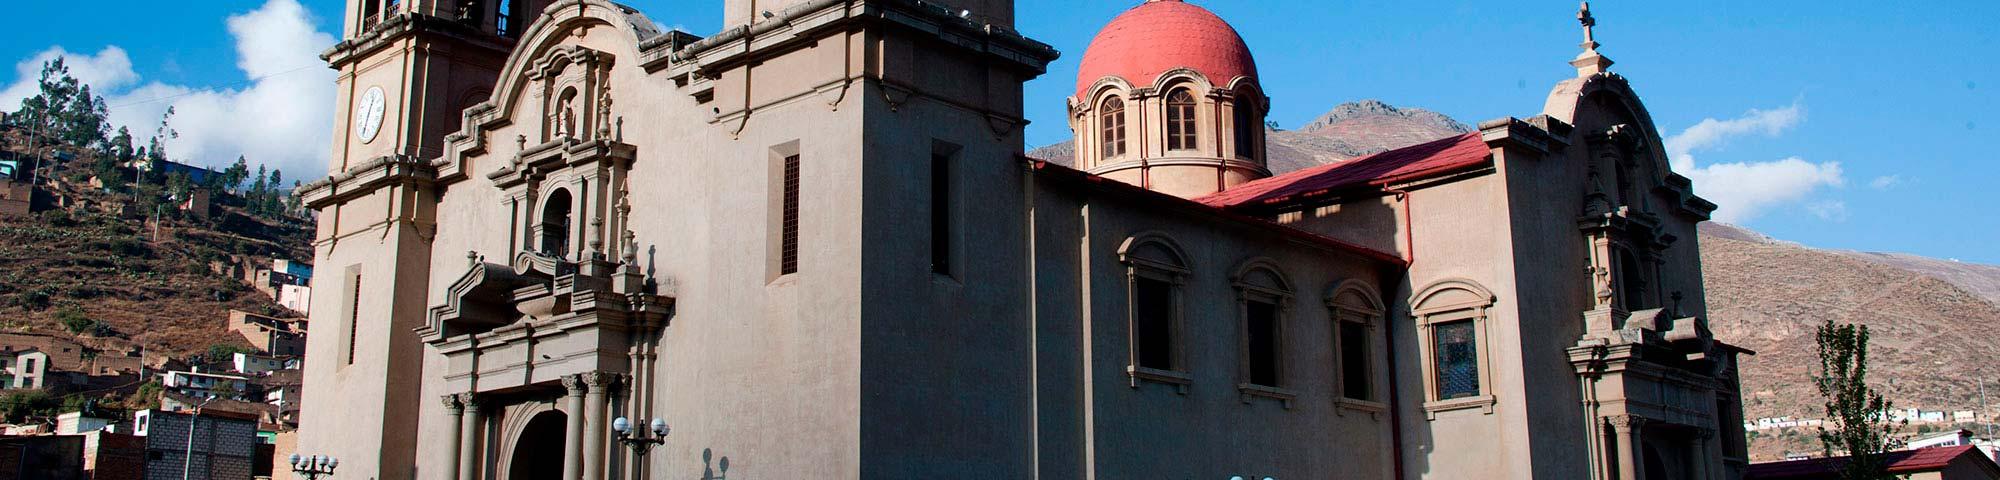 Catedral de Santa Ana de Tarma